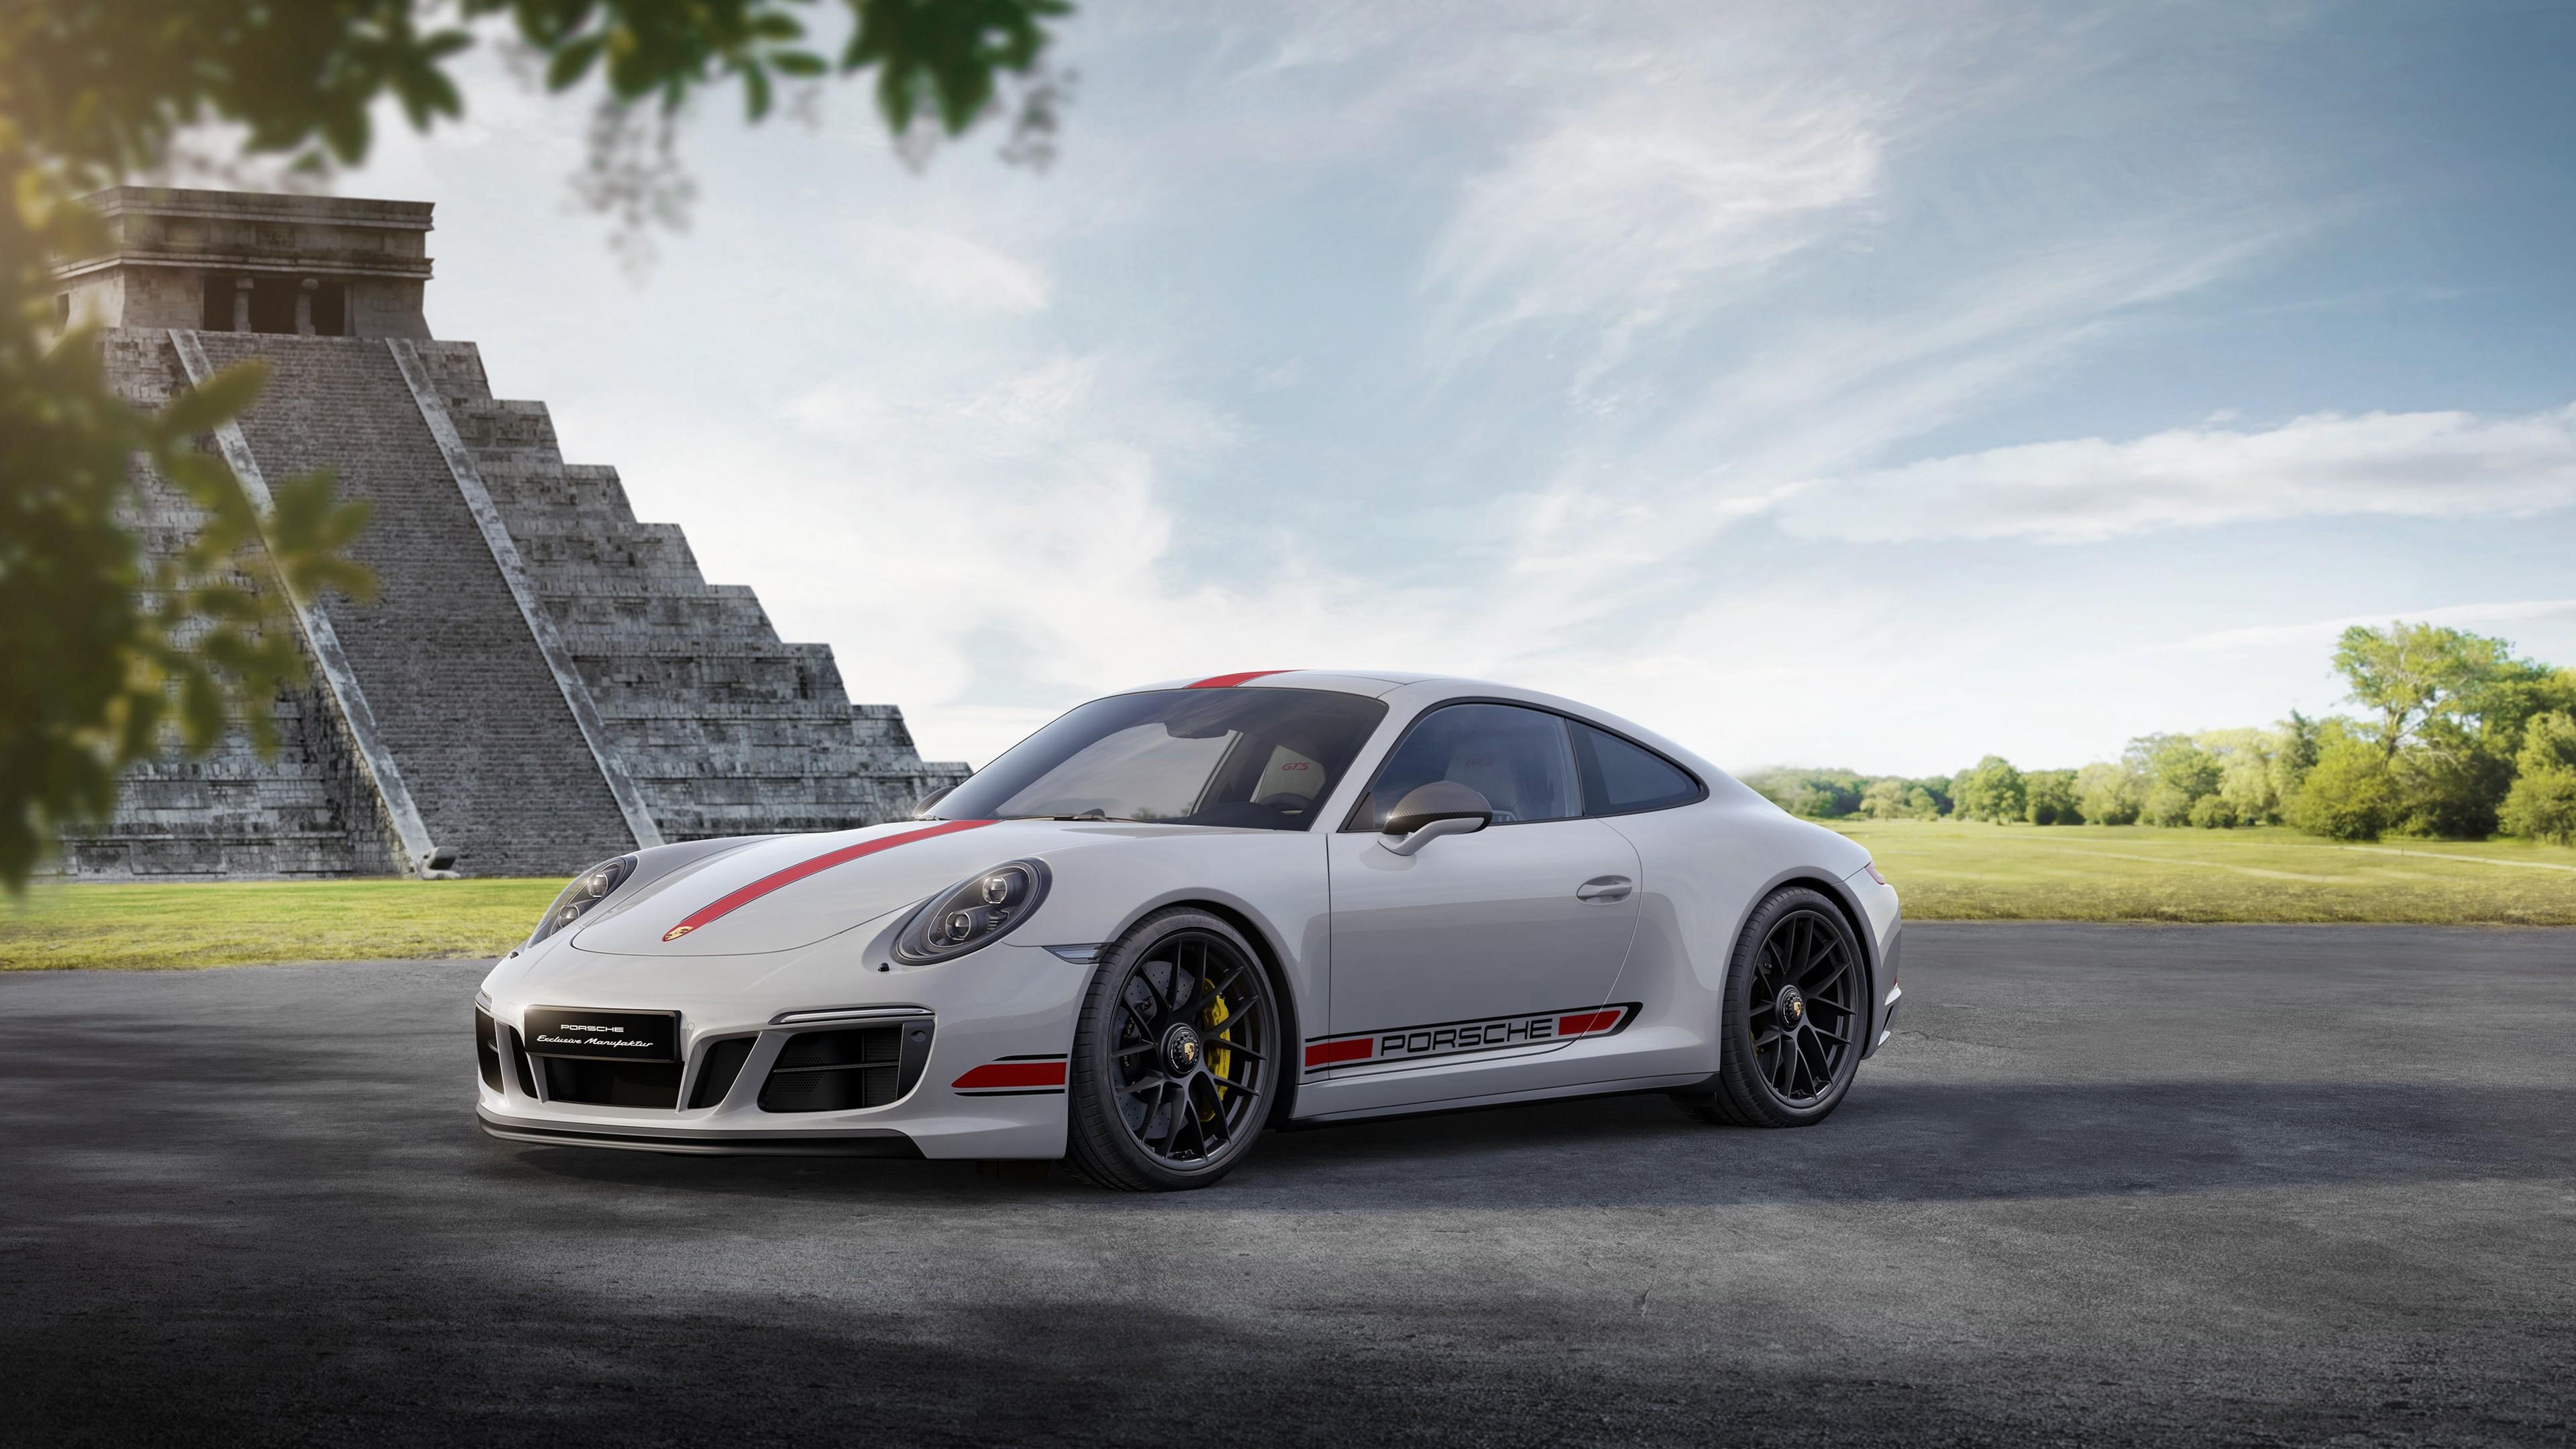 2017 Porsche 911 Carrera GTS Coupe 15 Years Porsche Mexico